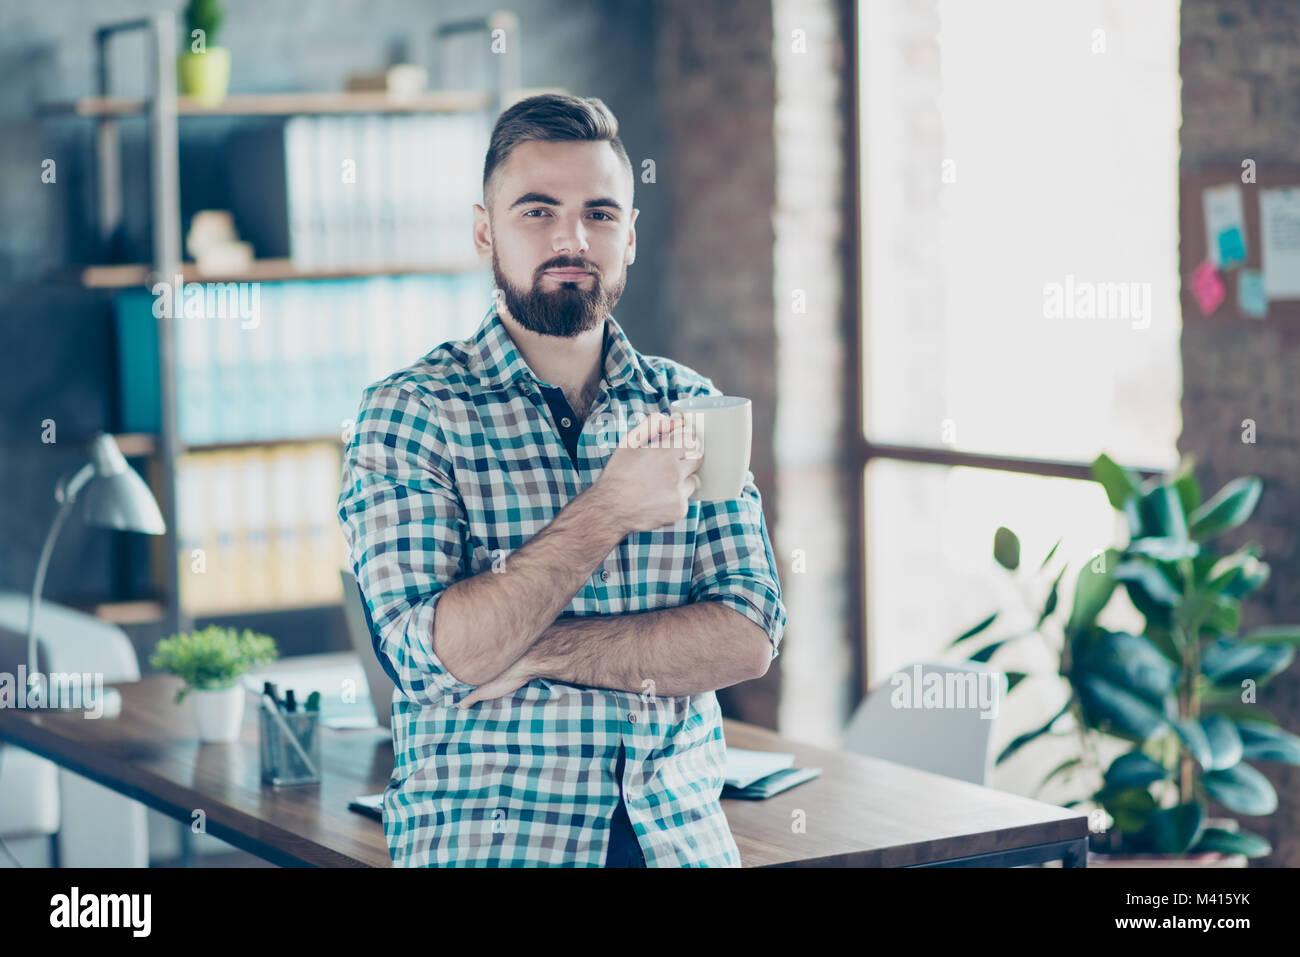 Tiempo de café en el trabajo concepto. Retrato de satisfecho delicioso seguro empleador beber caliente latte Imagen De Stock